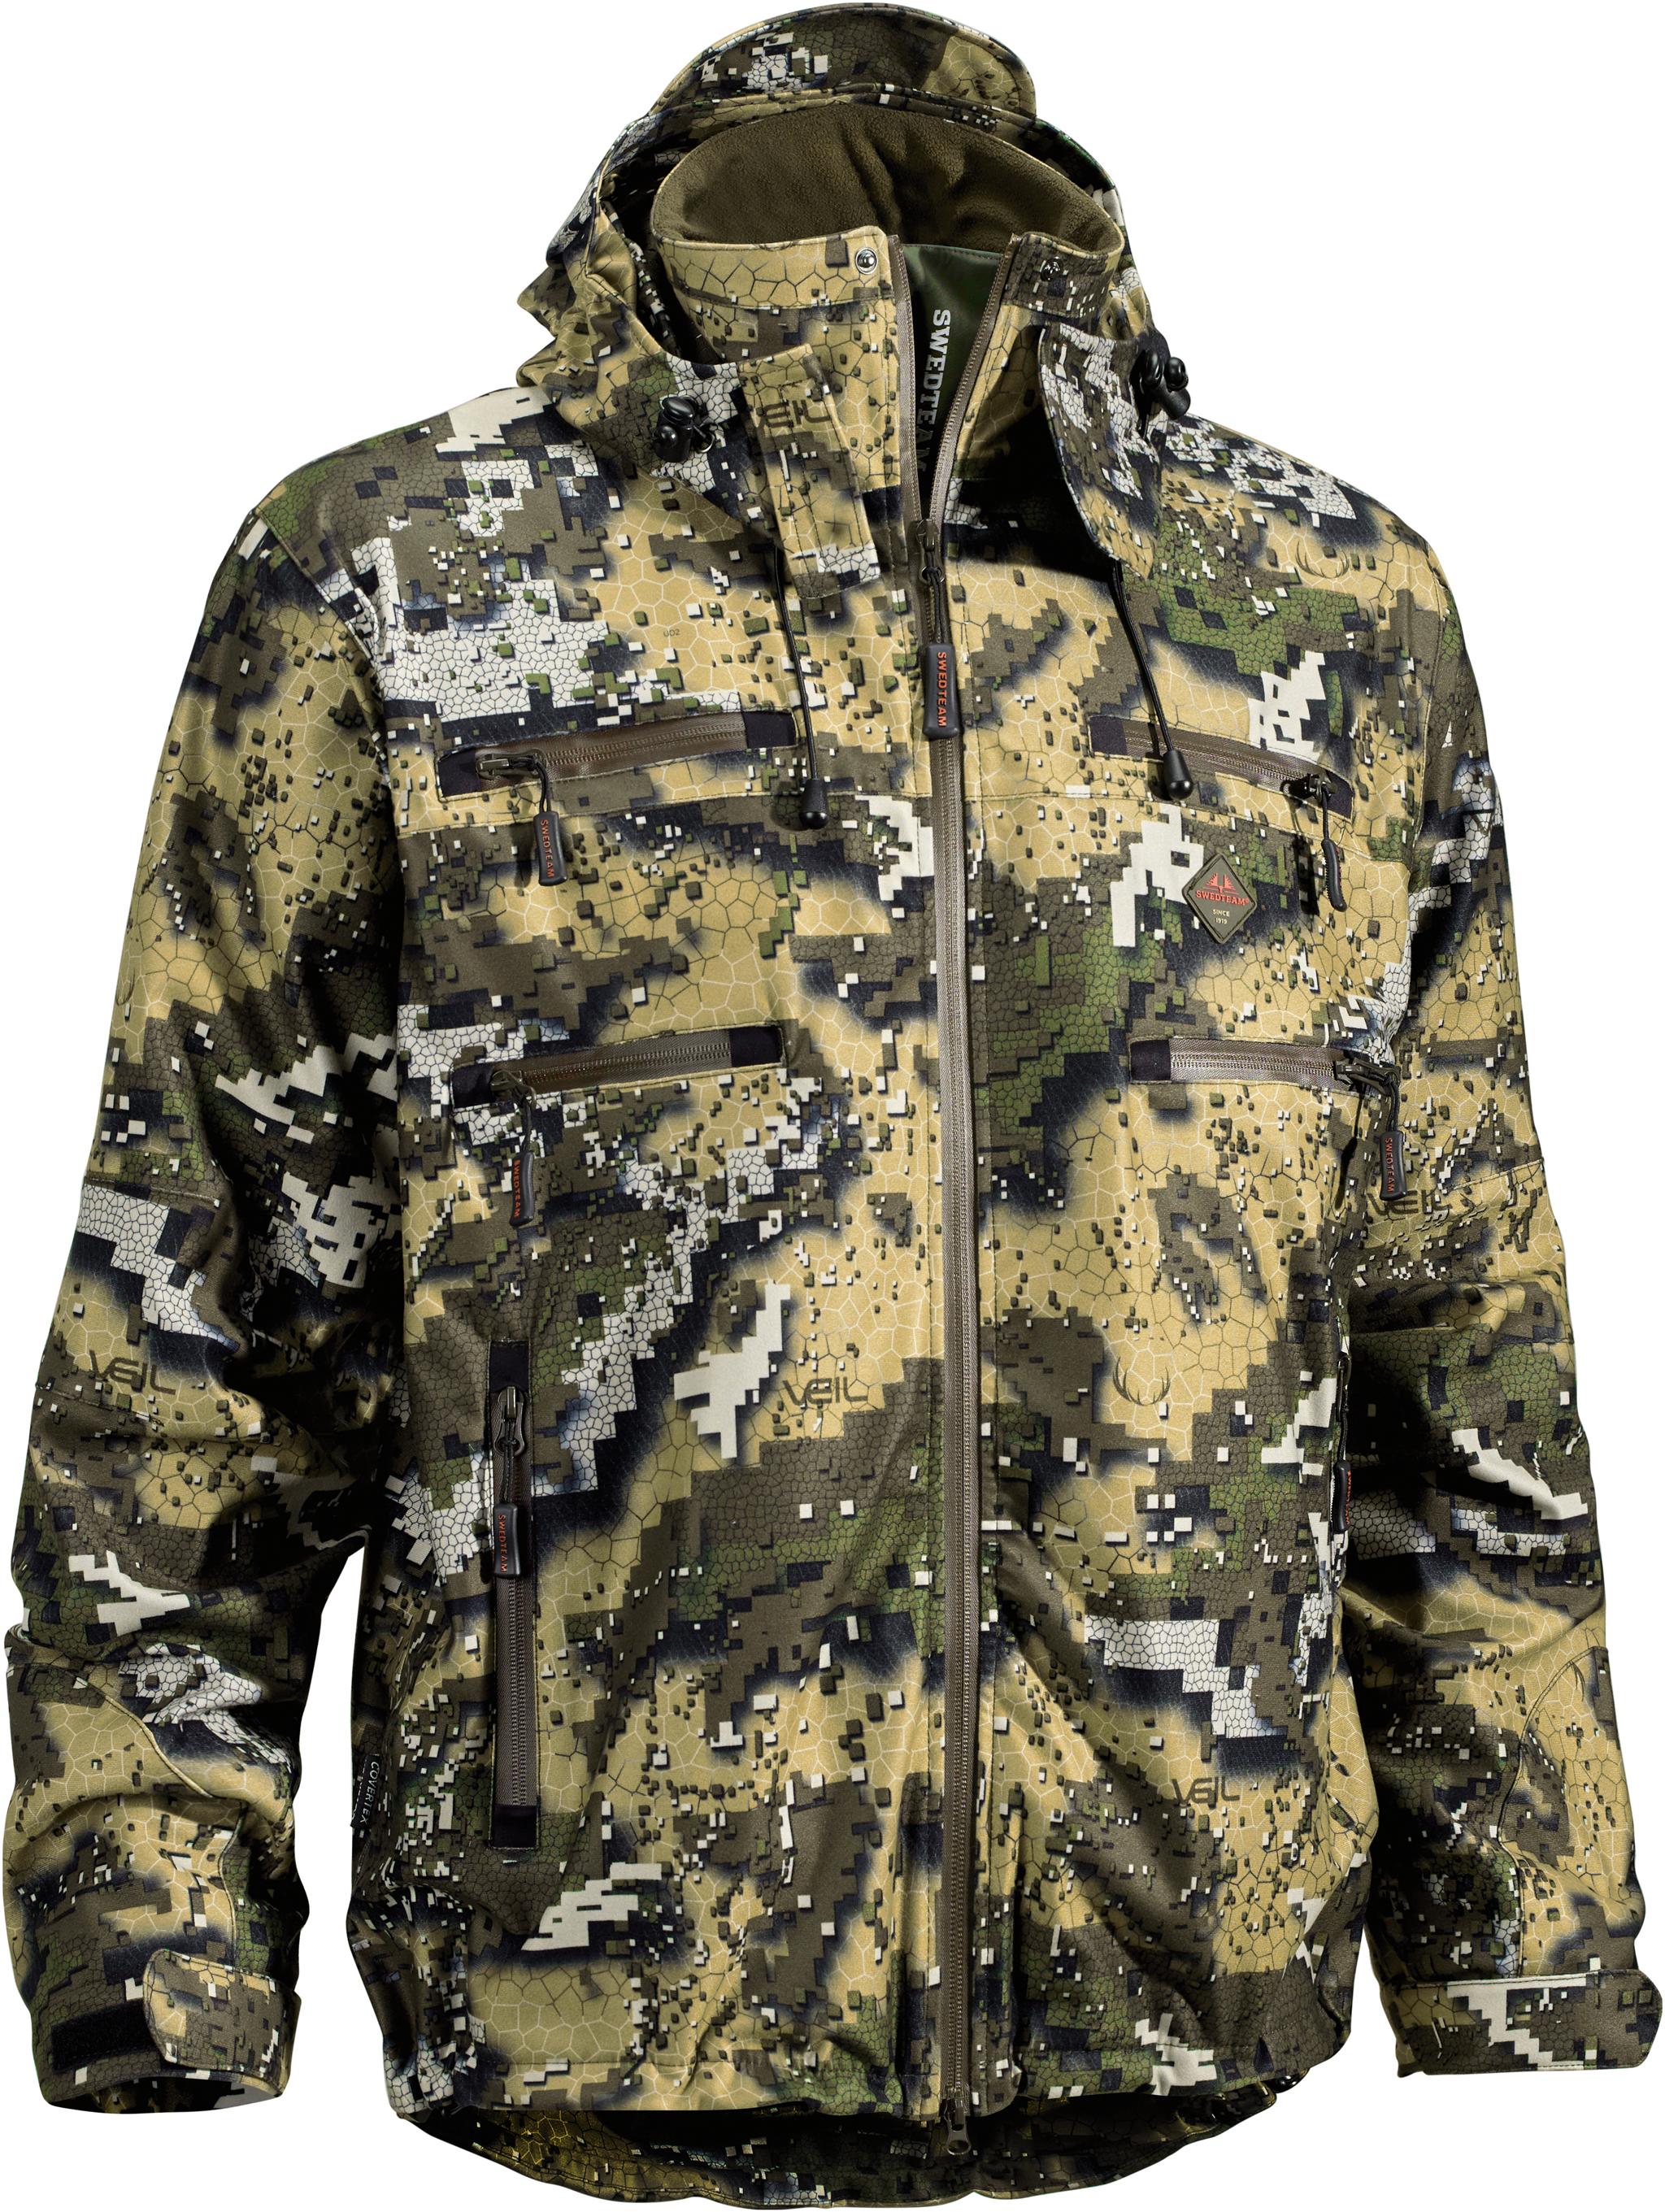 Ridge Pro M Jacket | Products | Swedteam